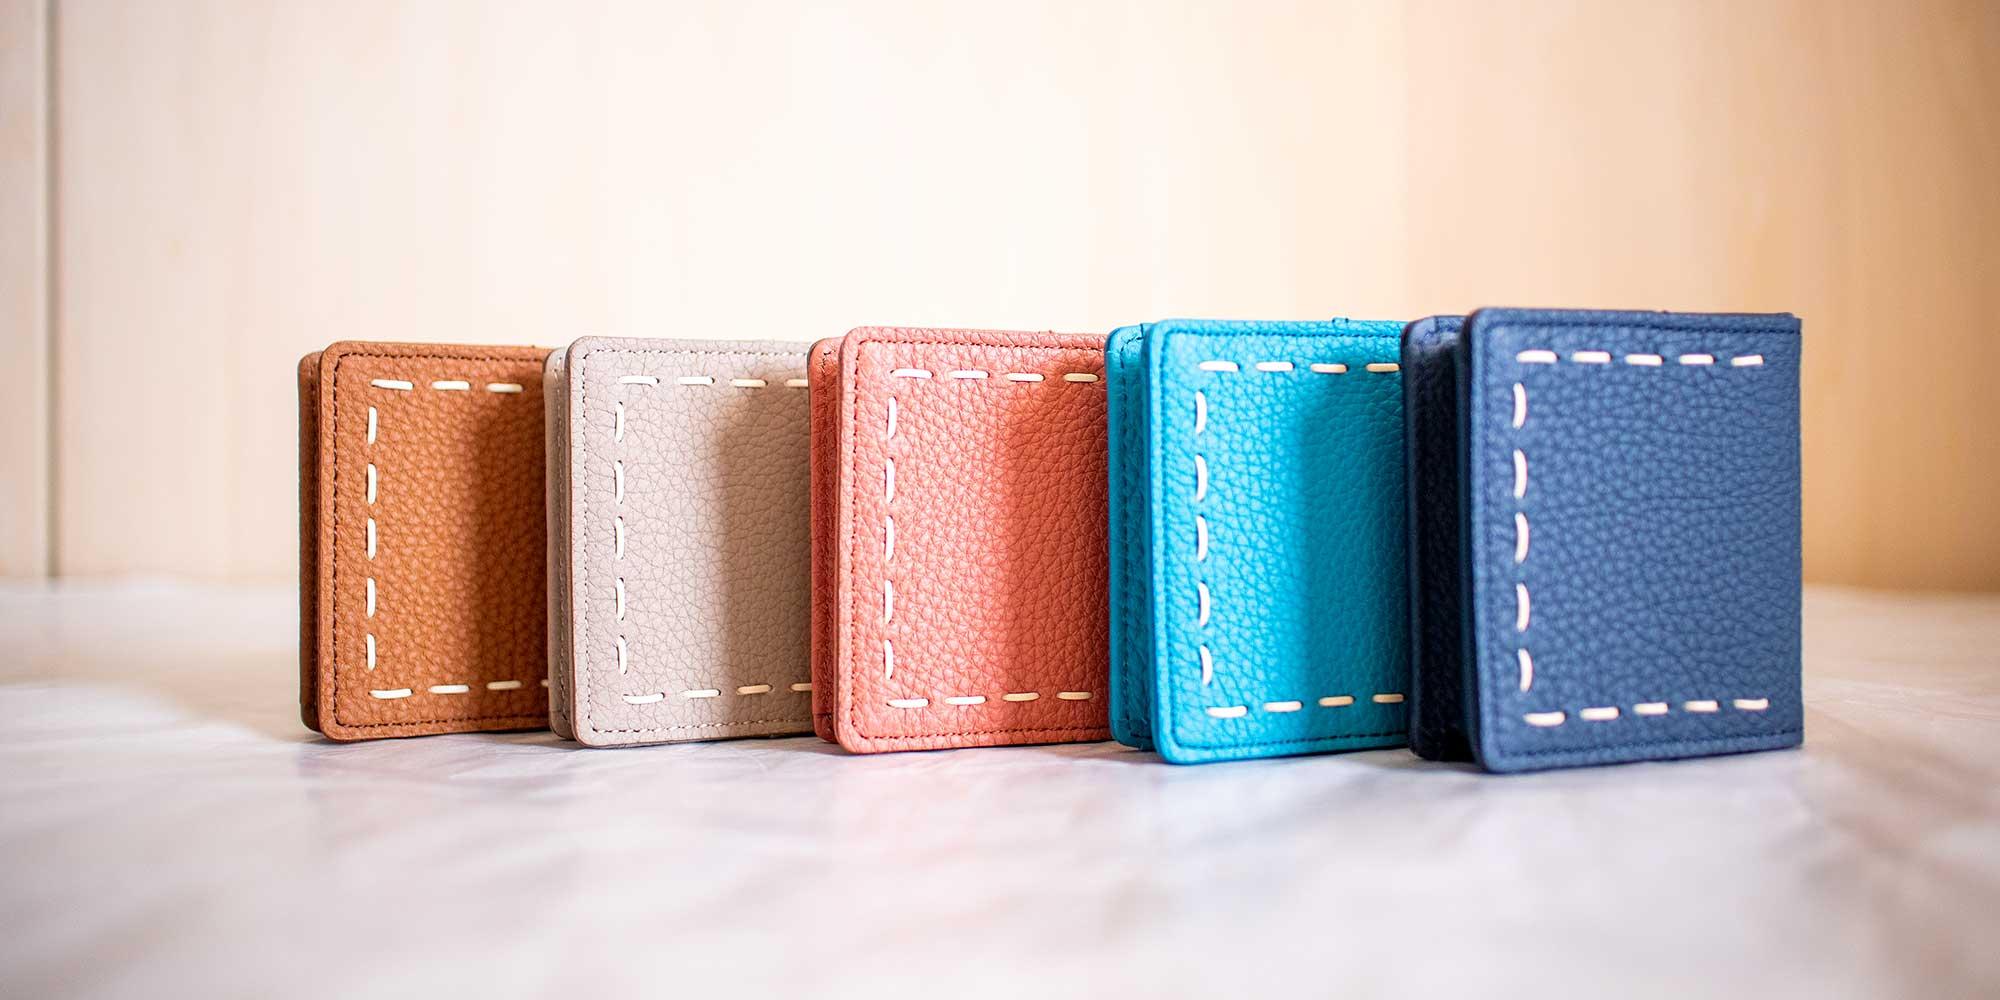 新作の可愛いコインケース「ELLA」2019年 秋コレクションに登場。ランチやちょっとしたお買い物に最適。